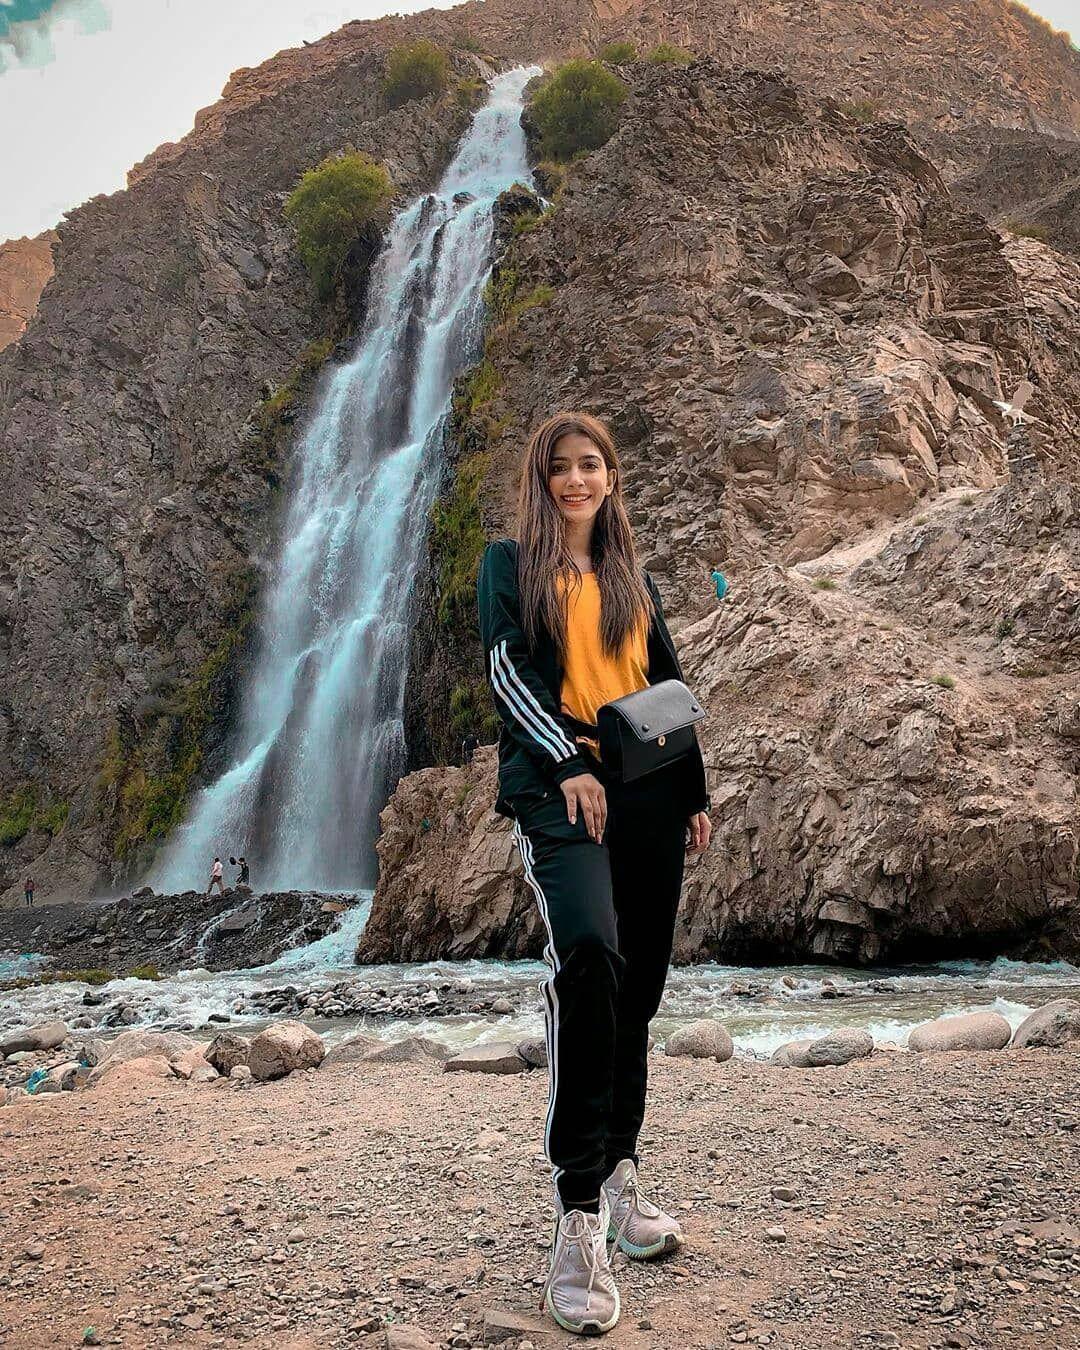 Throwback to Hiras Skardu trip. At Manthoka waterfall.🇵🇰